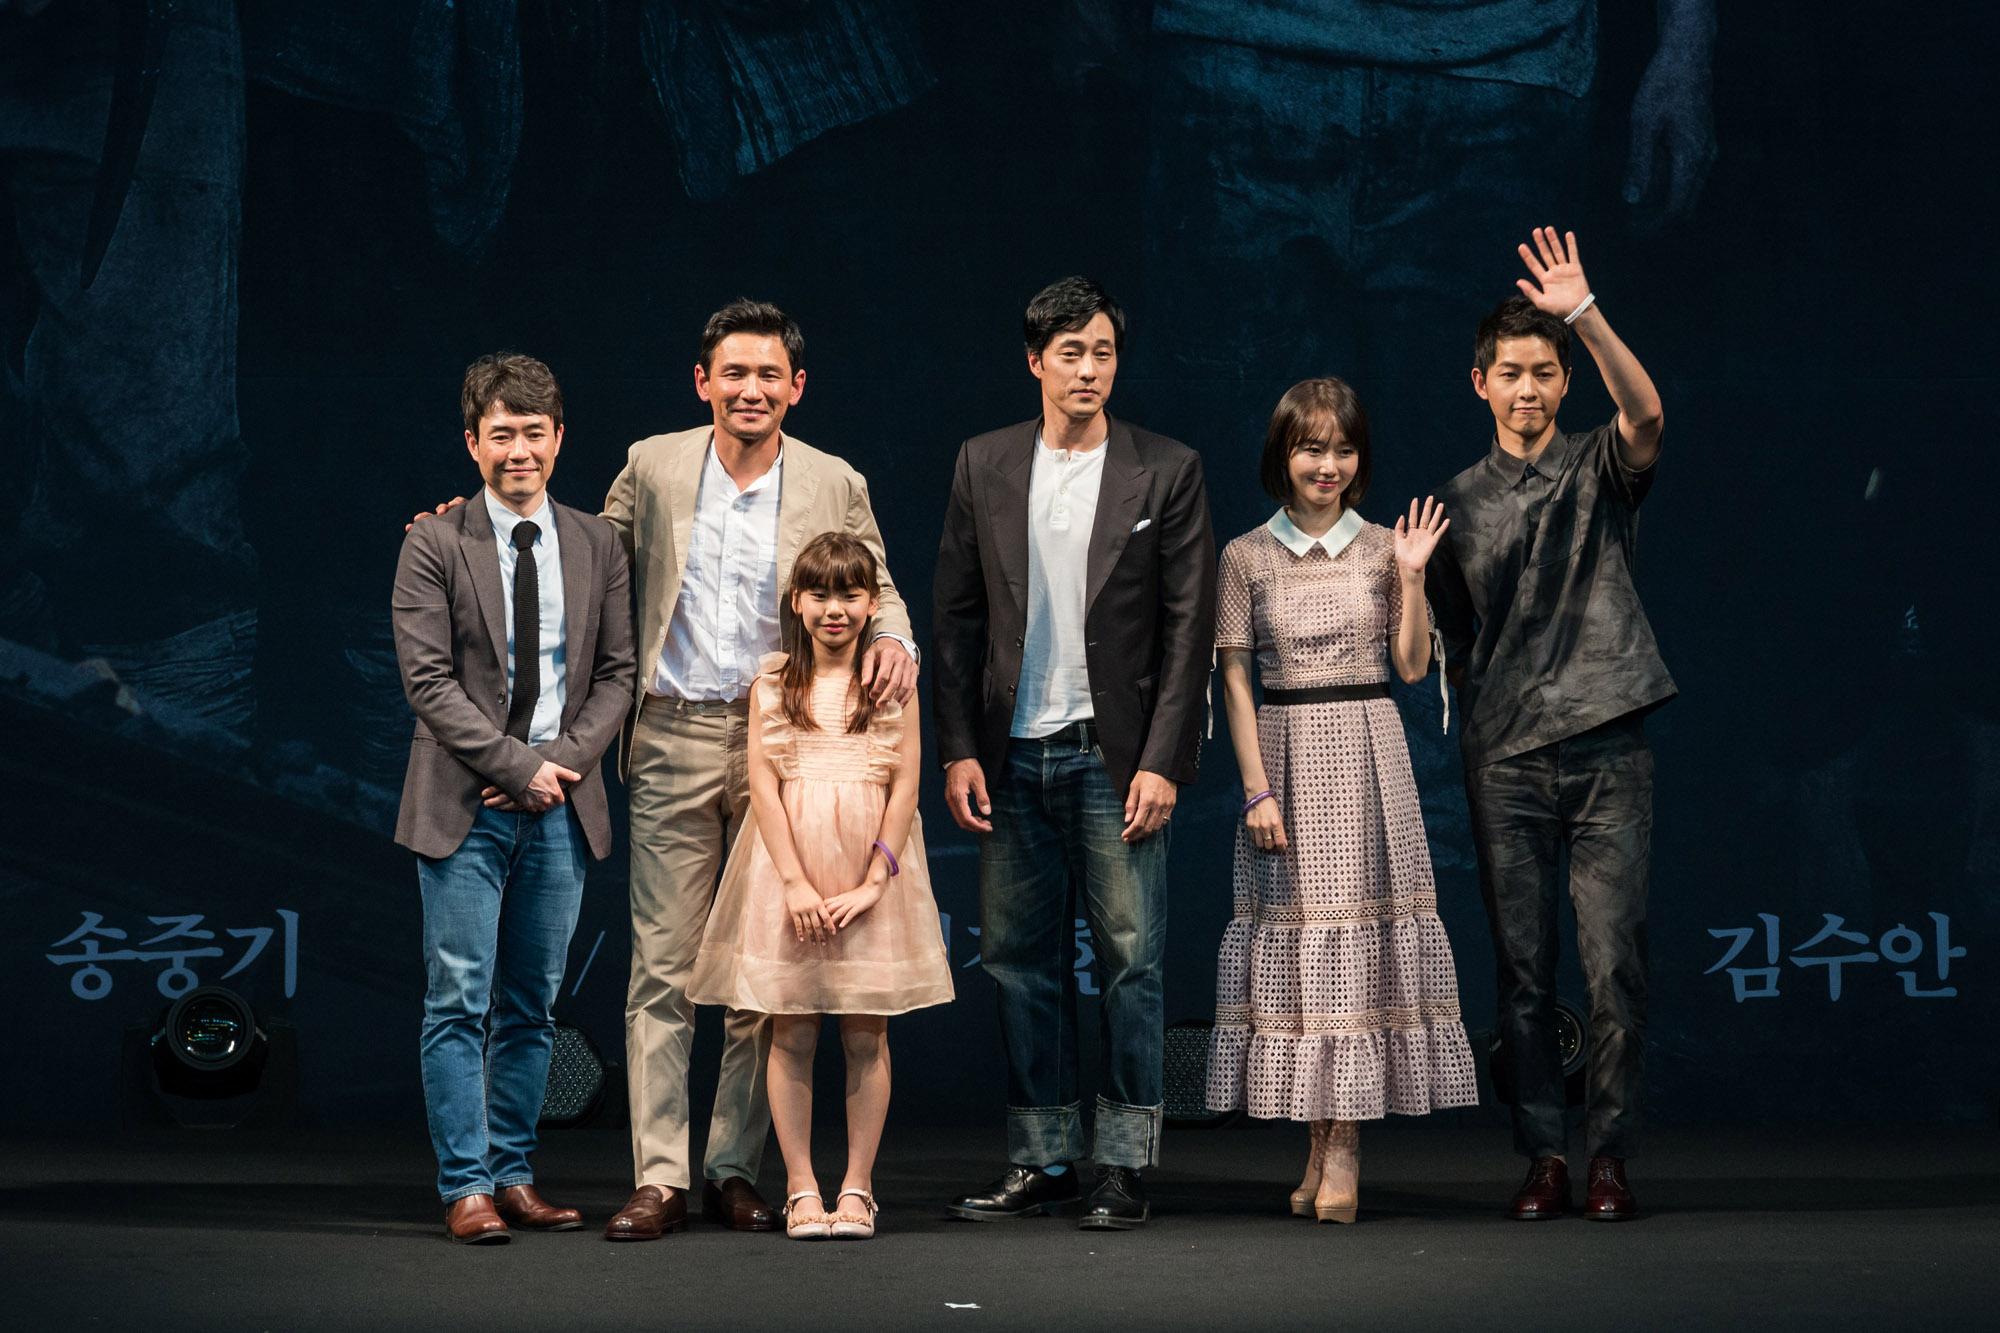 김수안 영화 군함도 쇼케이스 현장스케치 2017.06.26 (2)